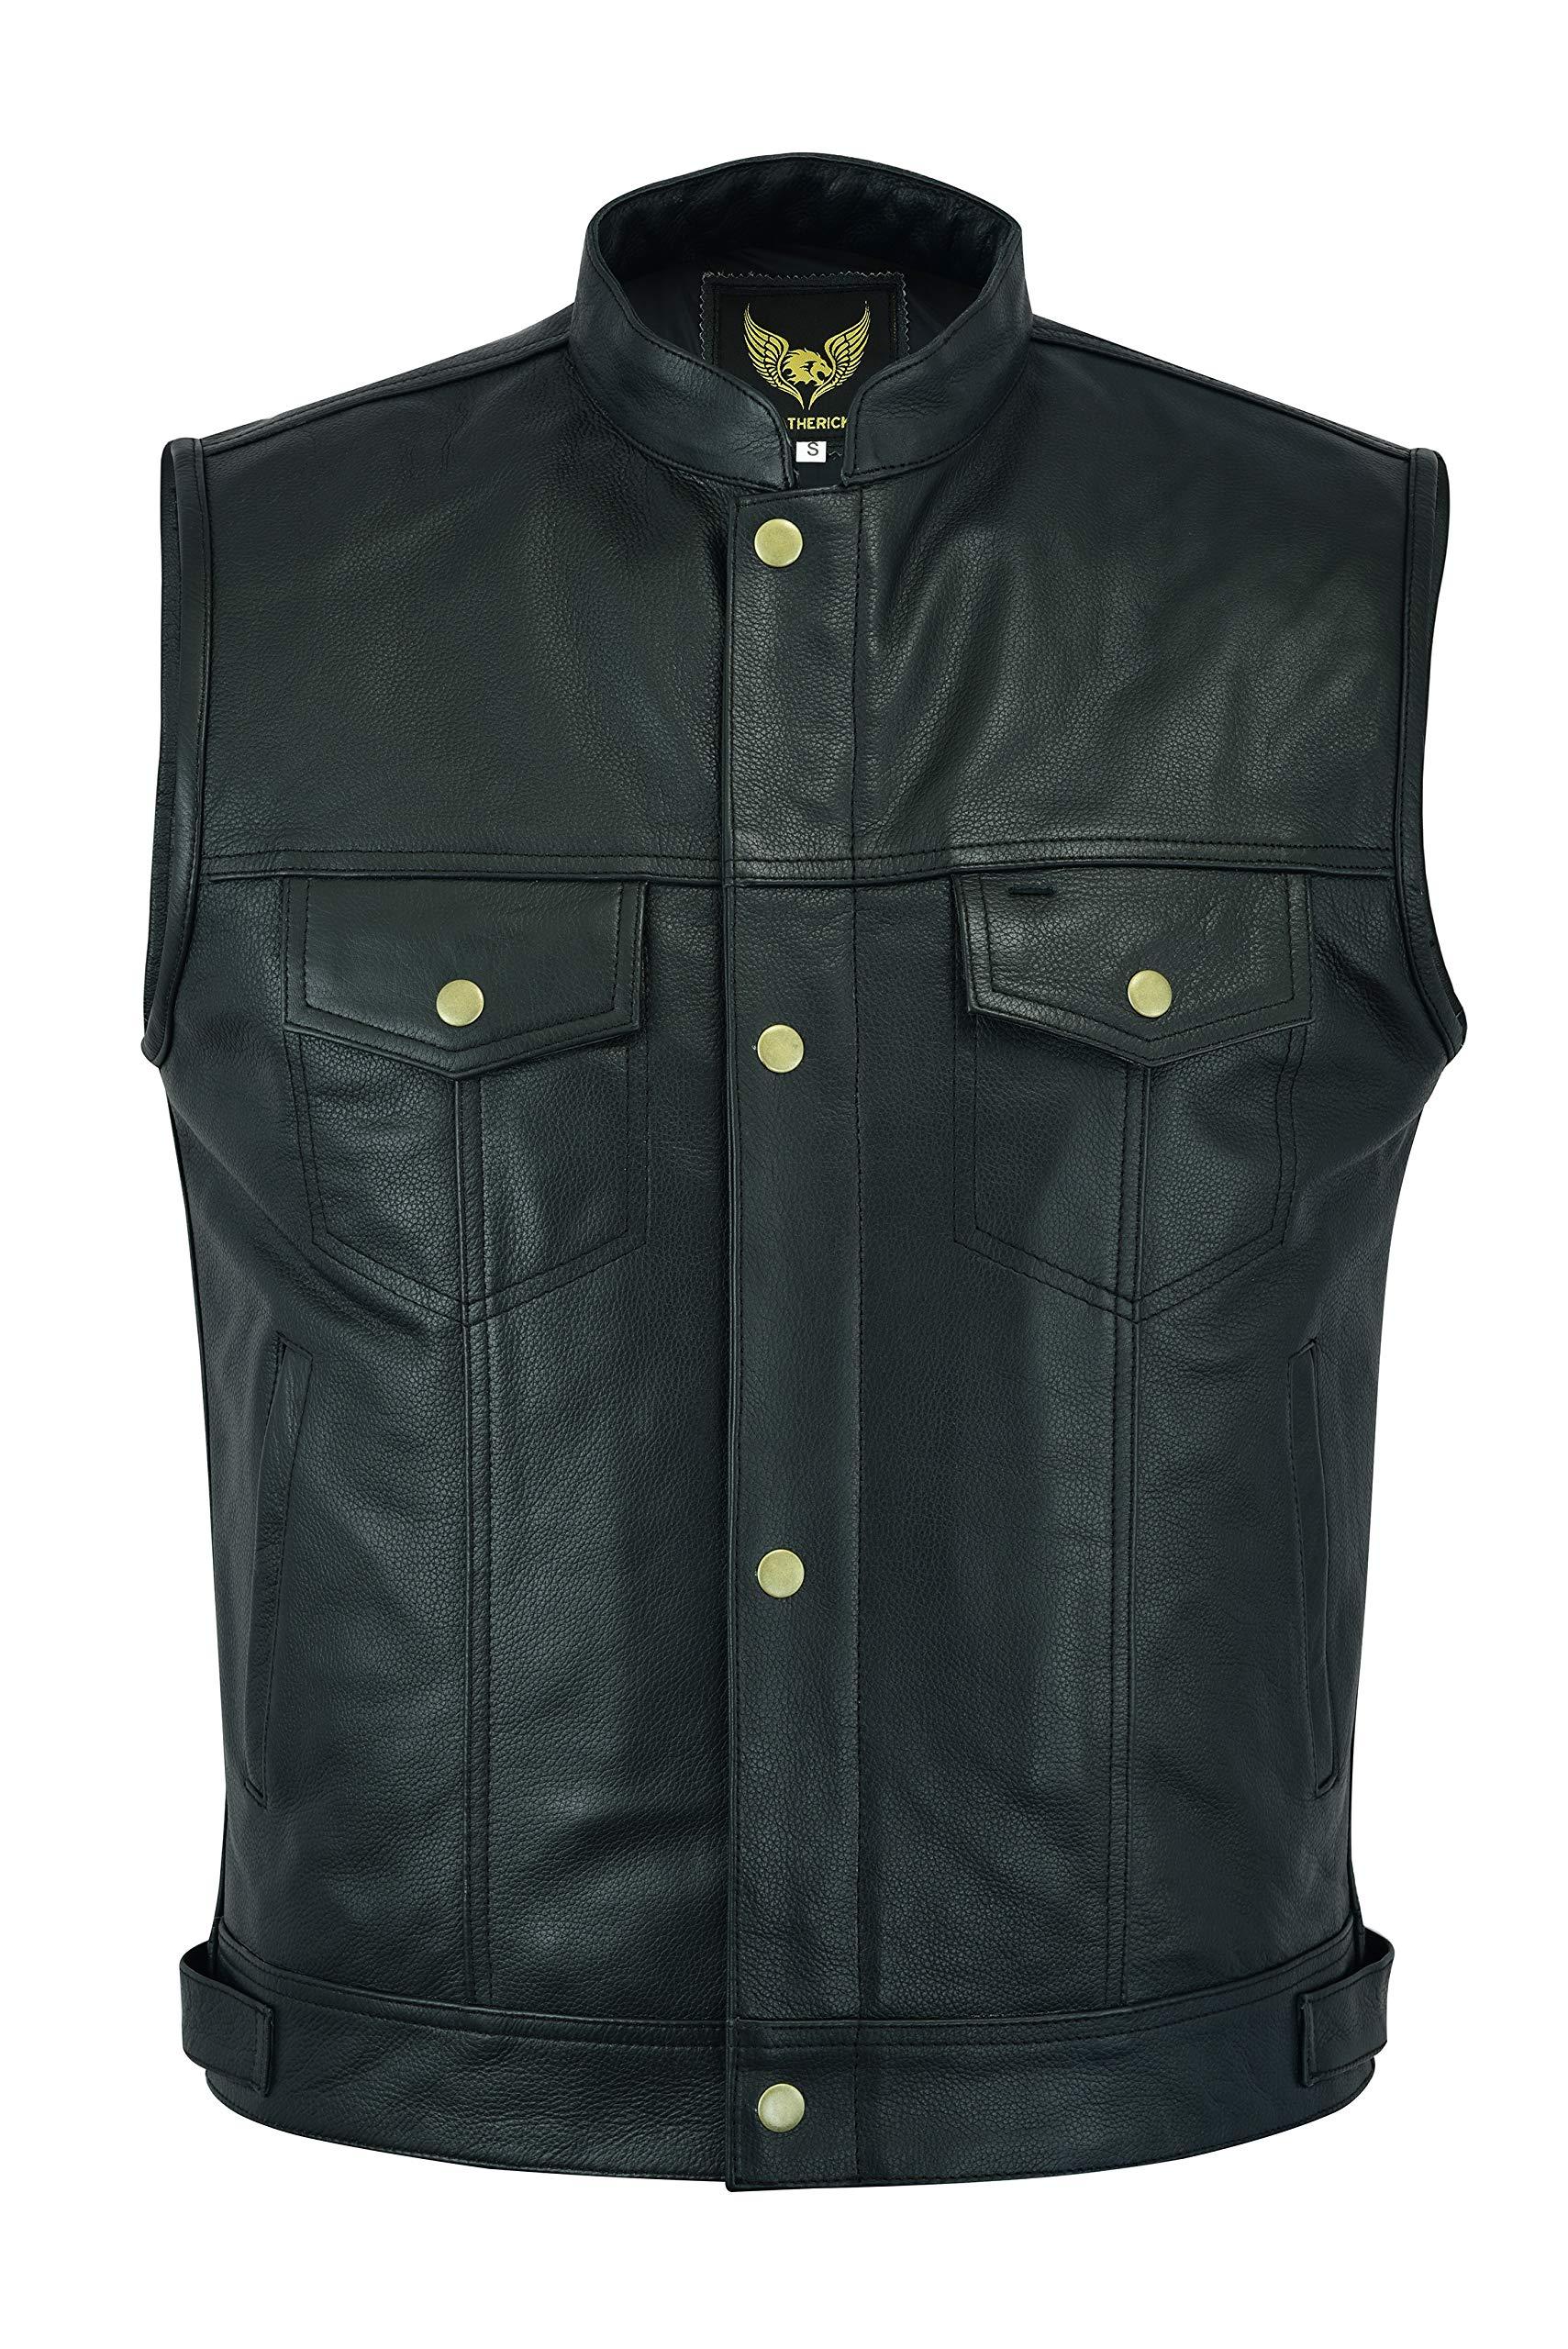 SOA Brass Button Premium Leather Waistcoat Cut Off Style Biker Leather Vest M - EUR50